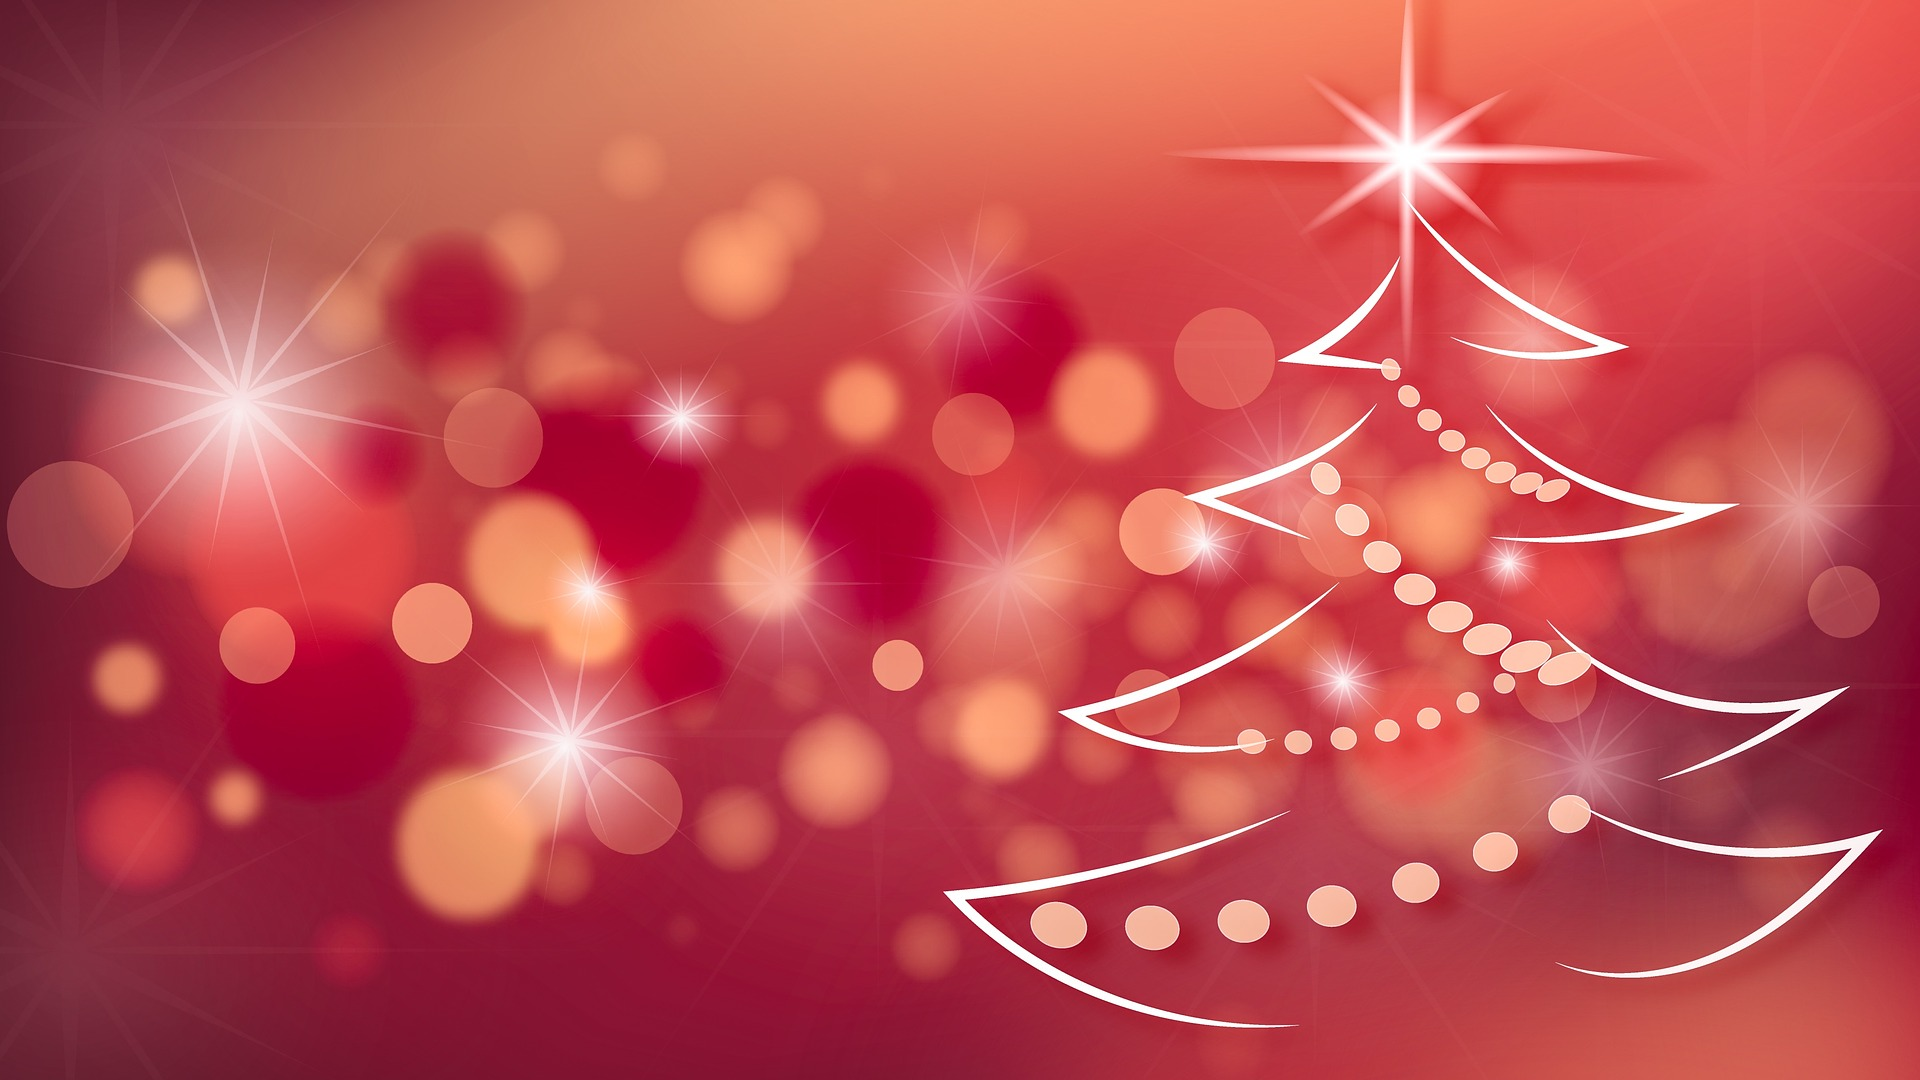 Kerstkaart 2018 de Stadstuyn